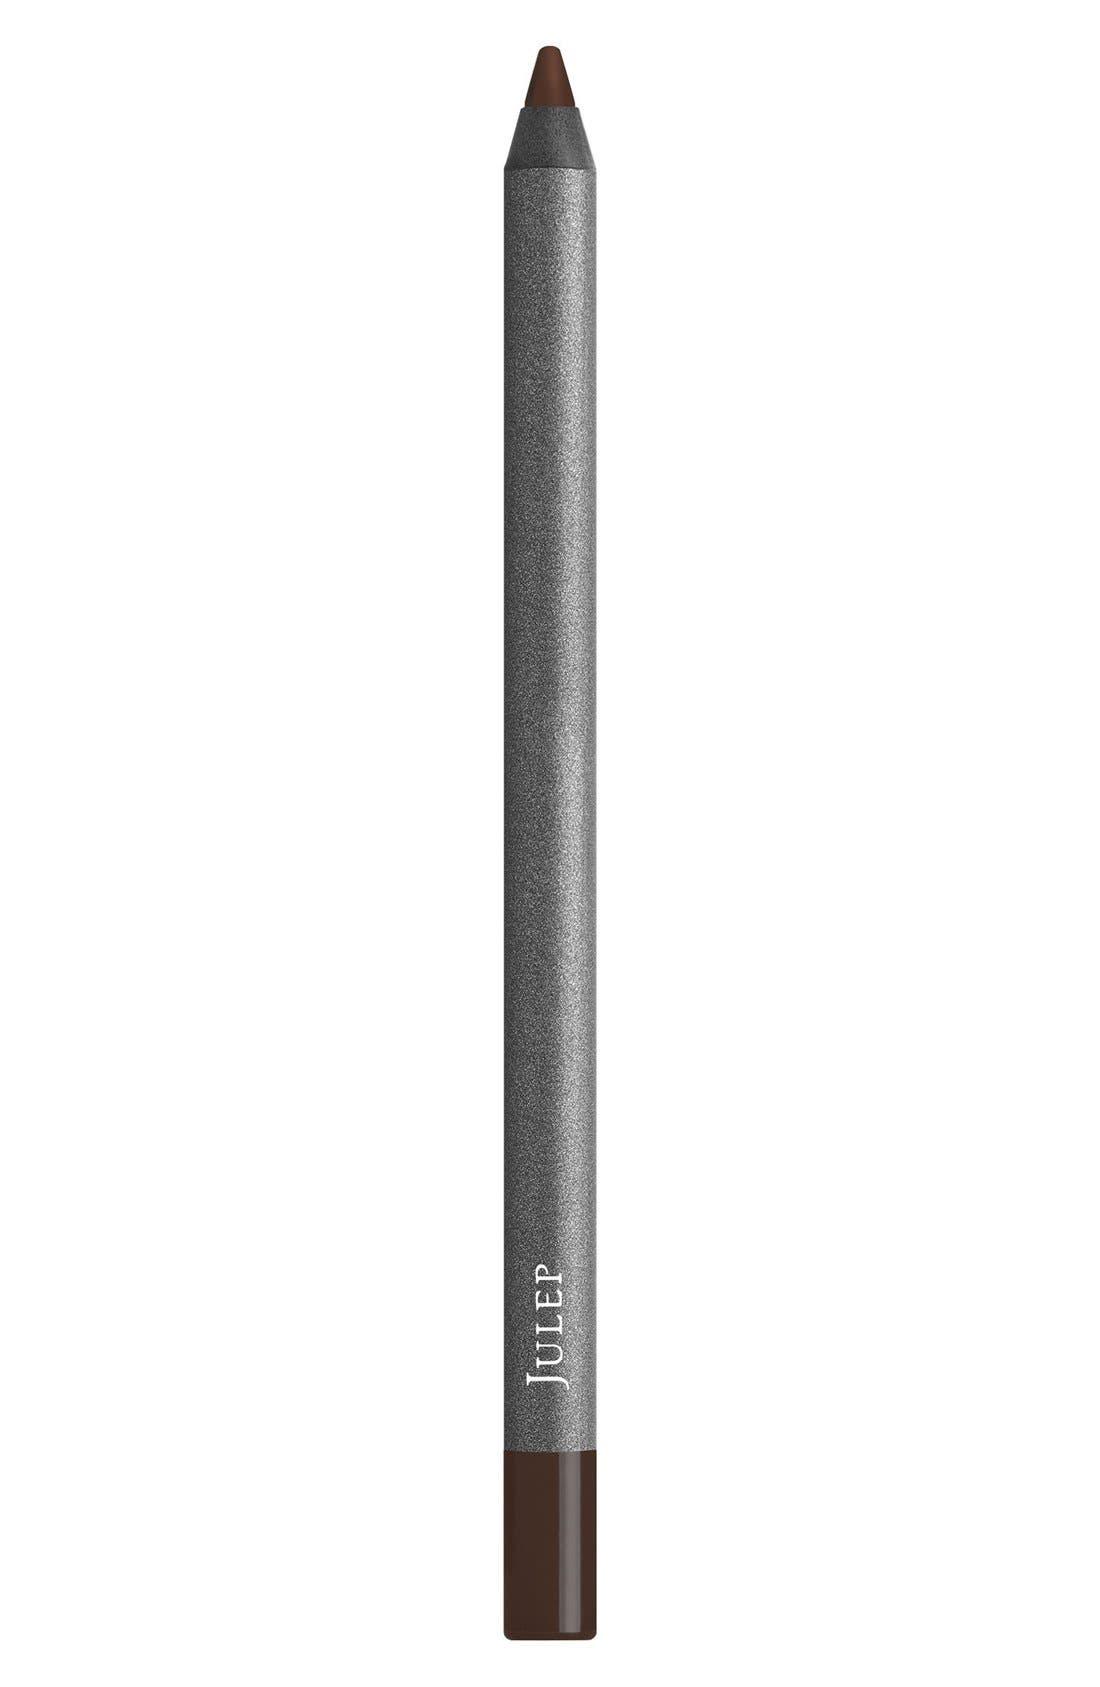 Julep(TM) When Pencil Met Gel Long-Lasting Eyeliner - Rich Brown